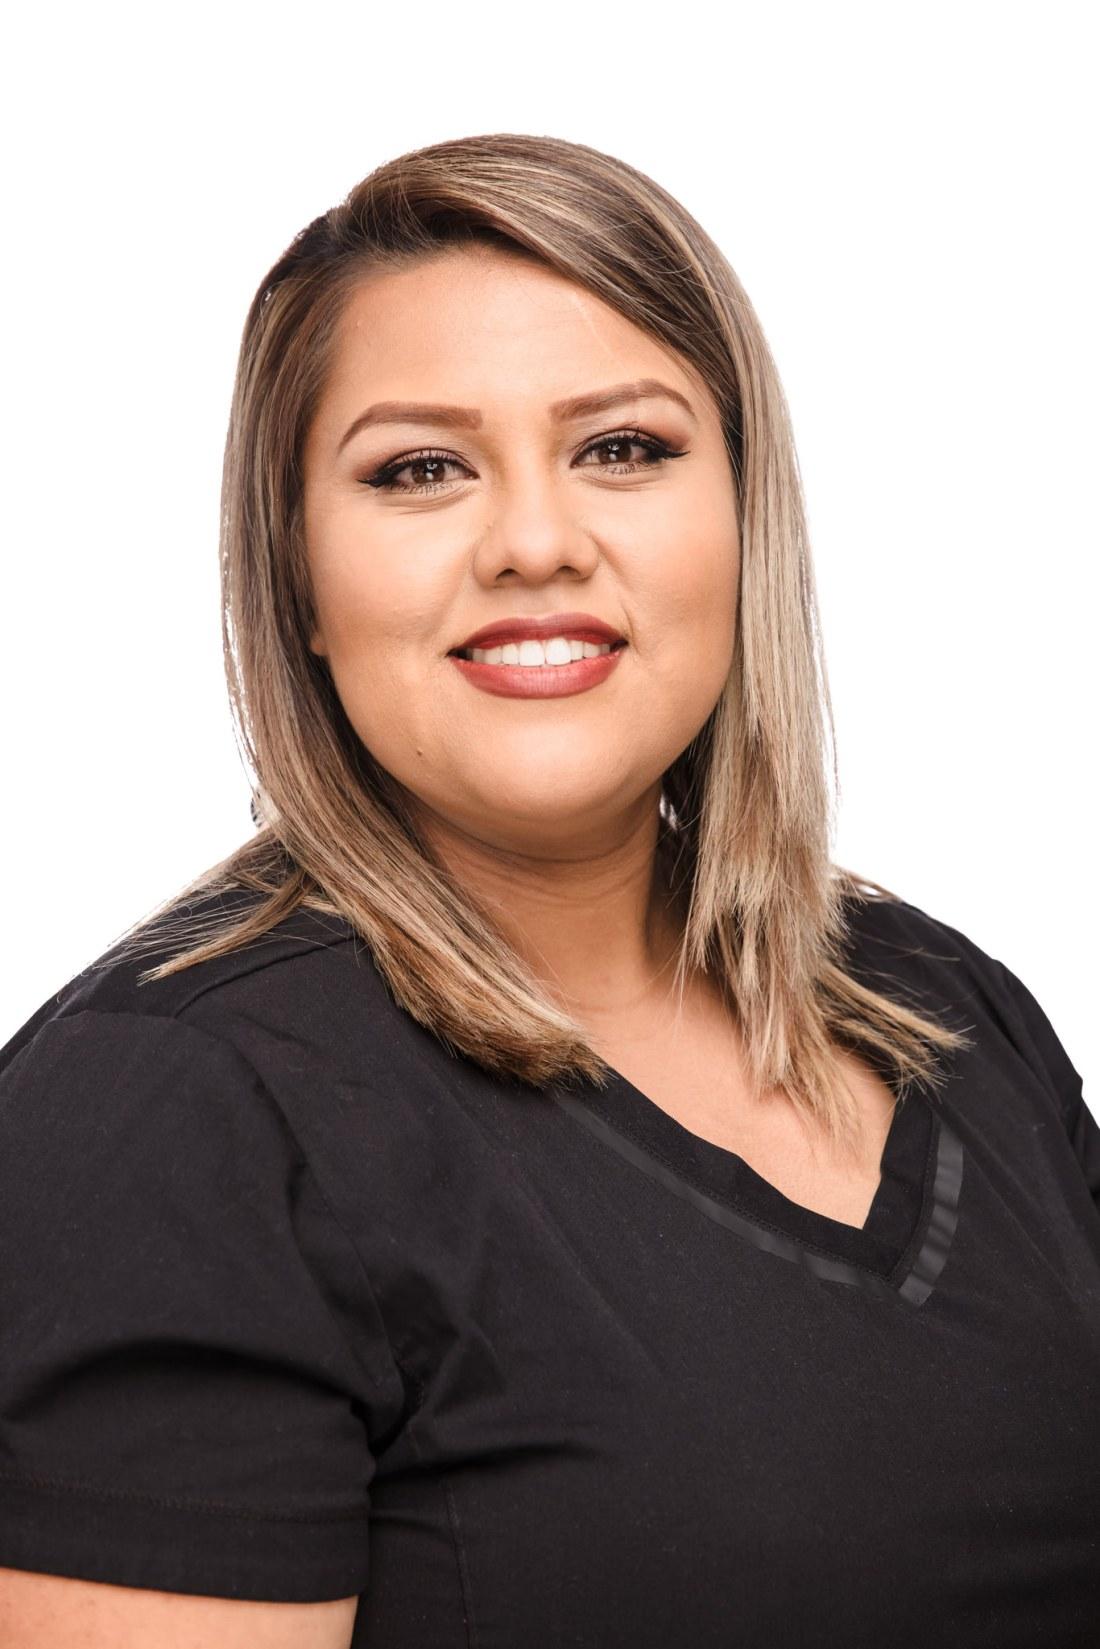 Melissa Beltran